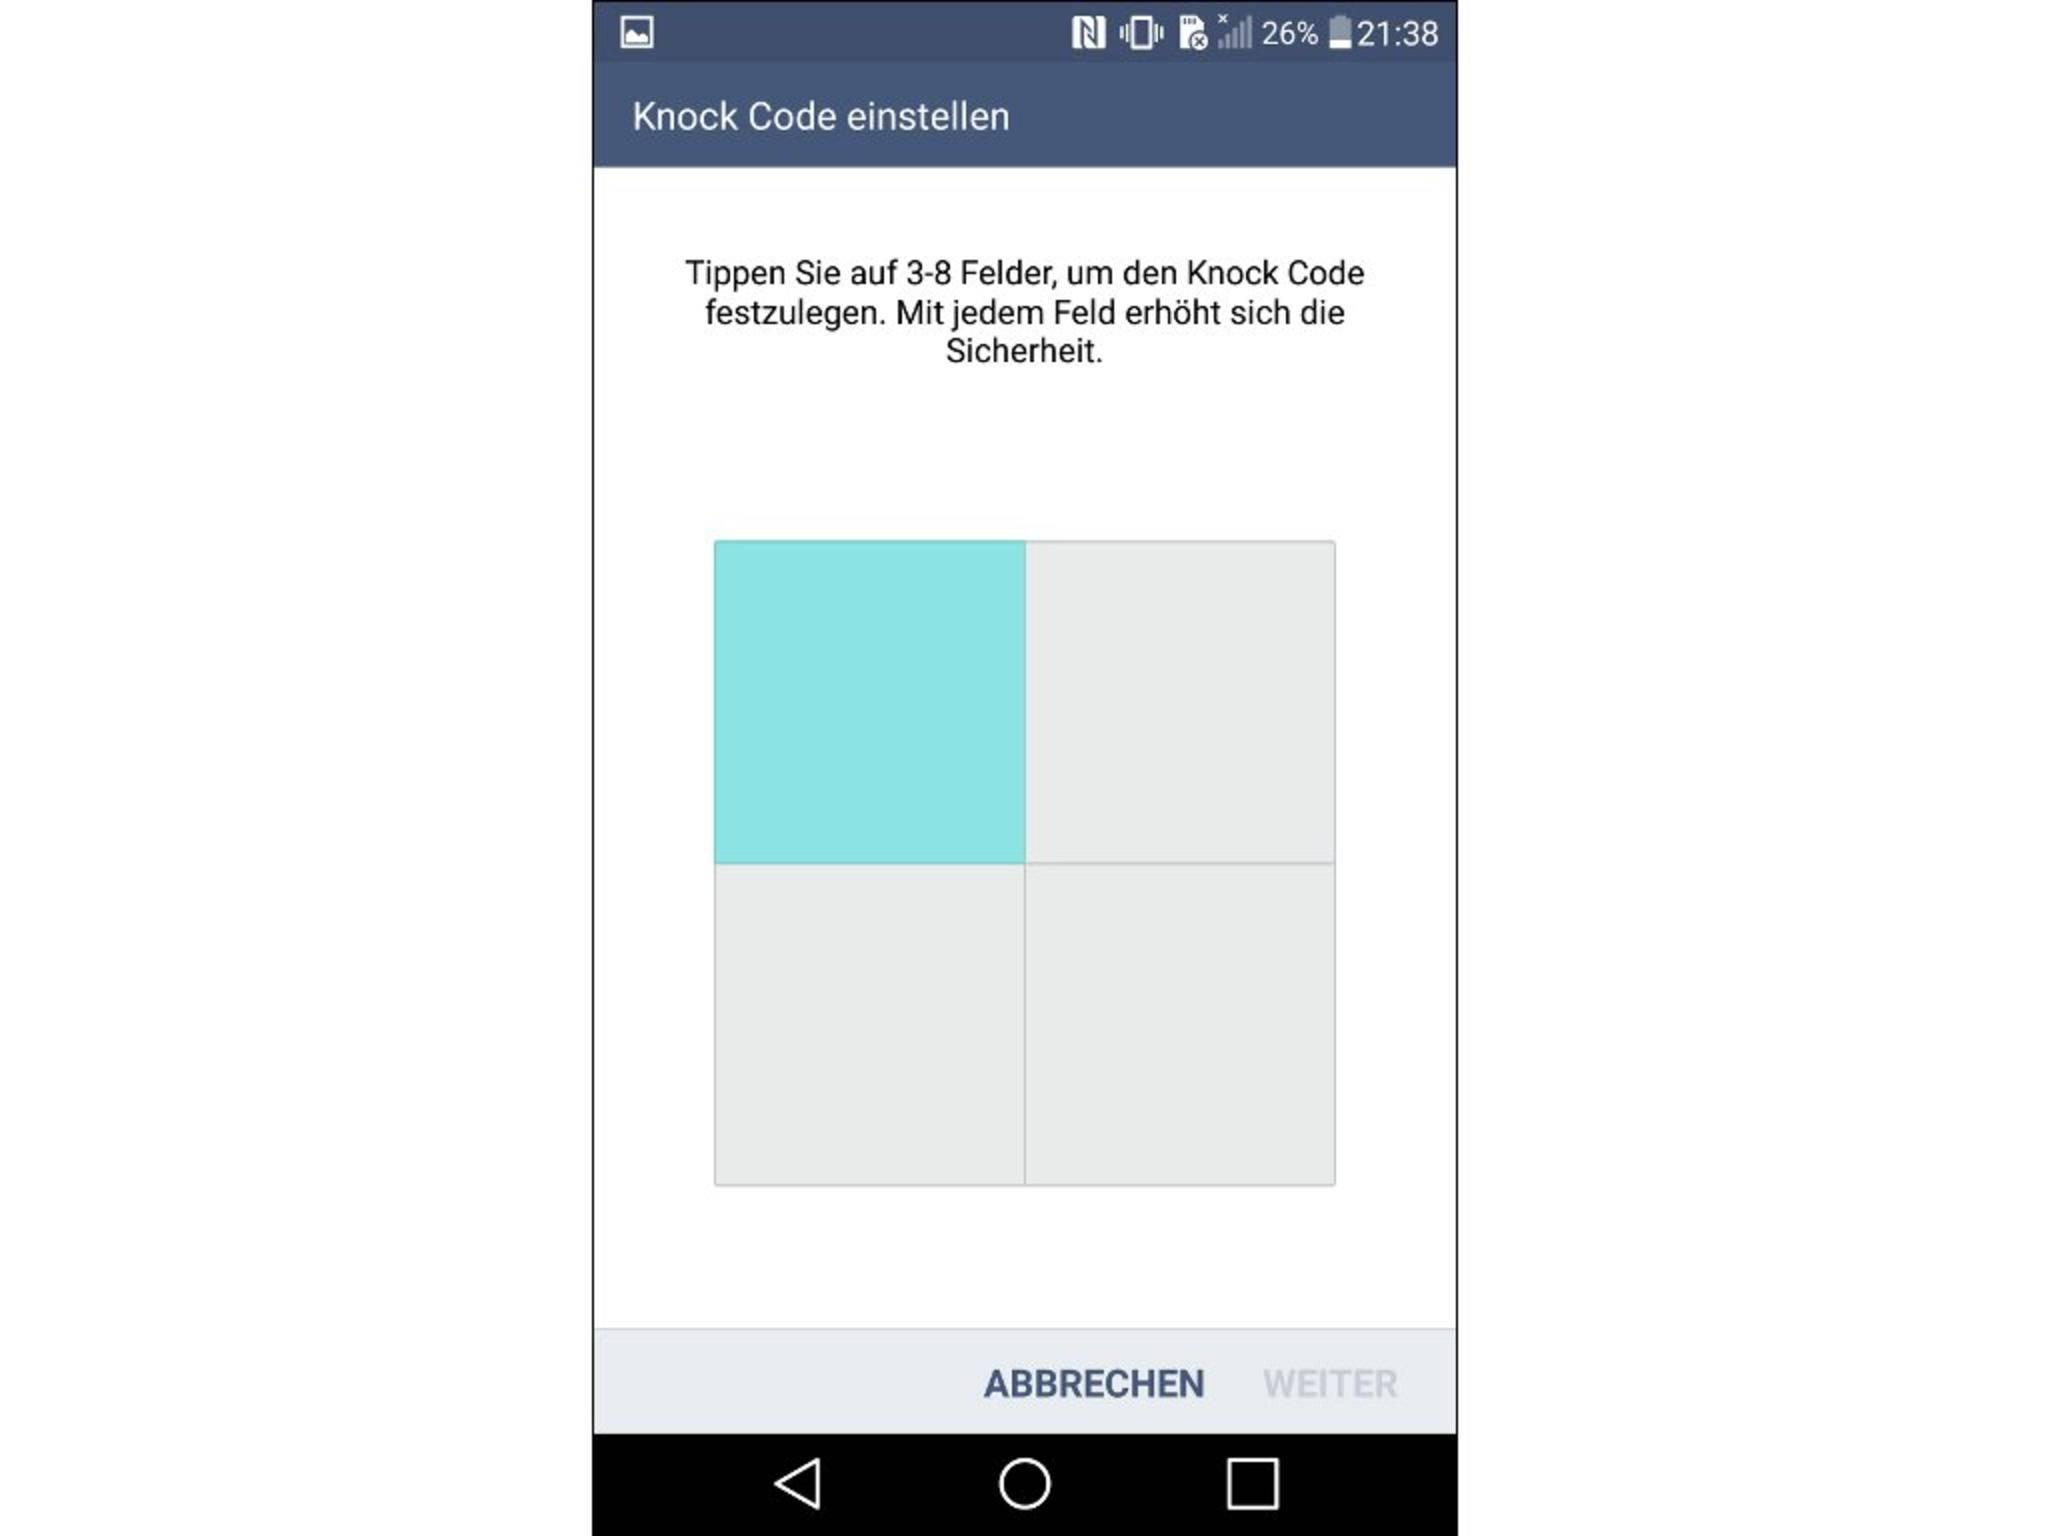 Für den Knock Code wird das Display in vier Felder eingeteilt.